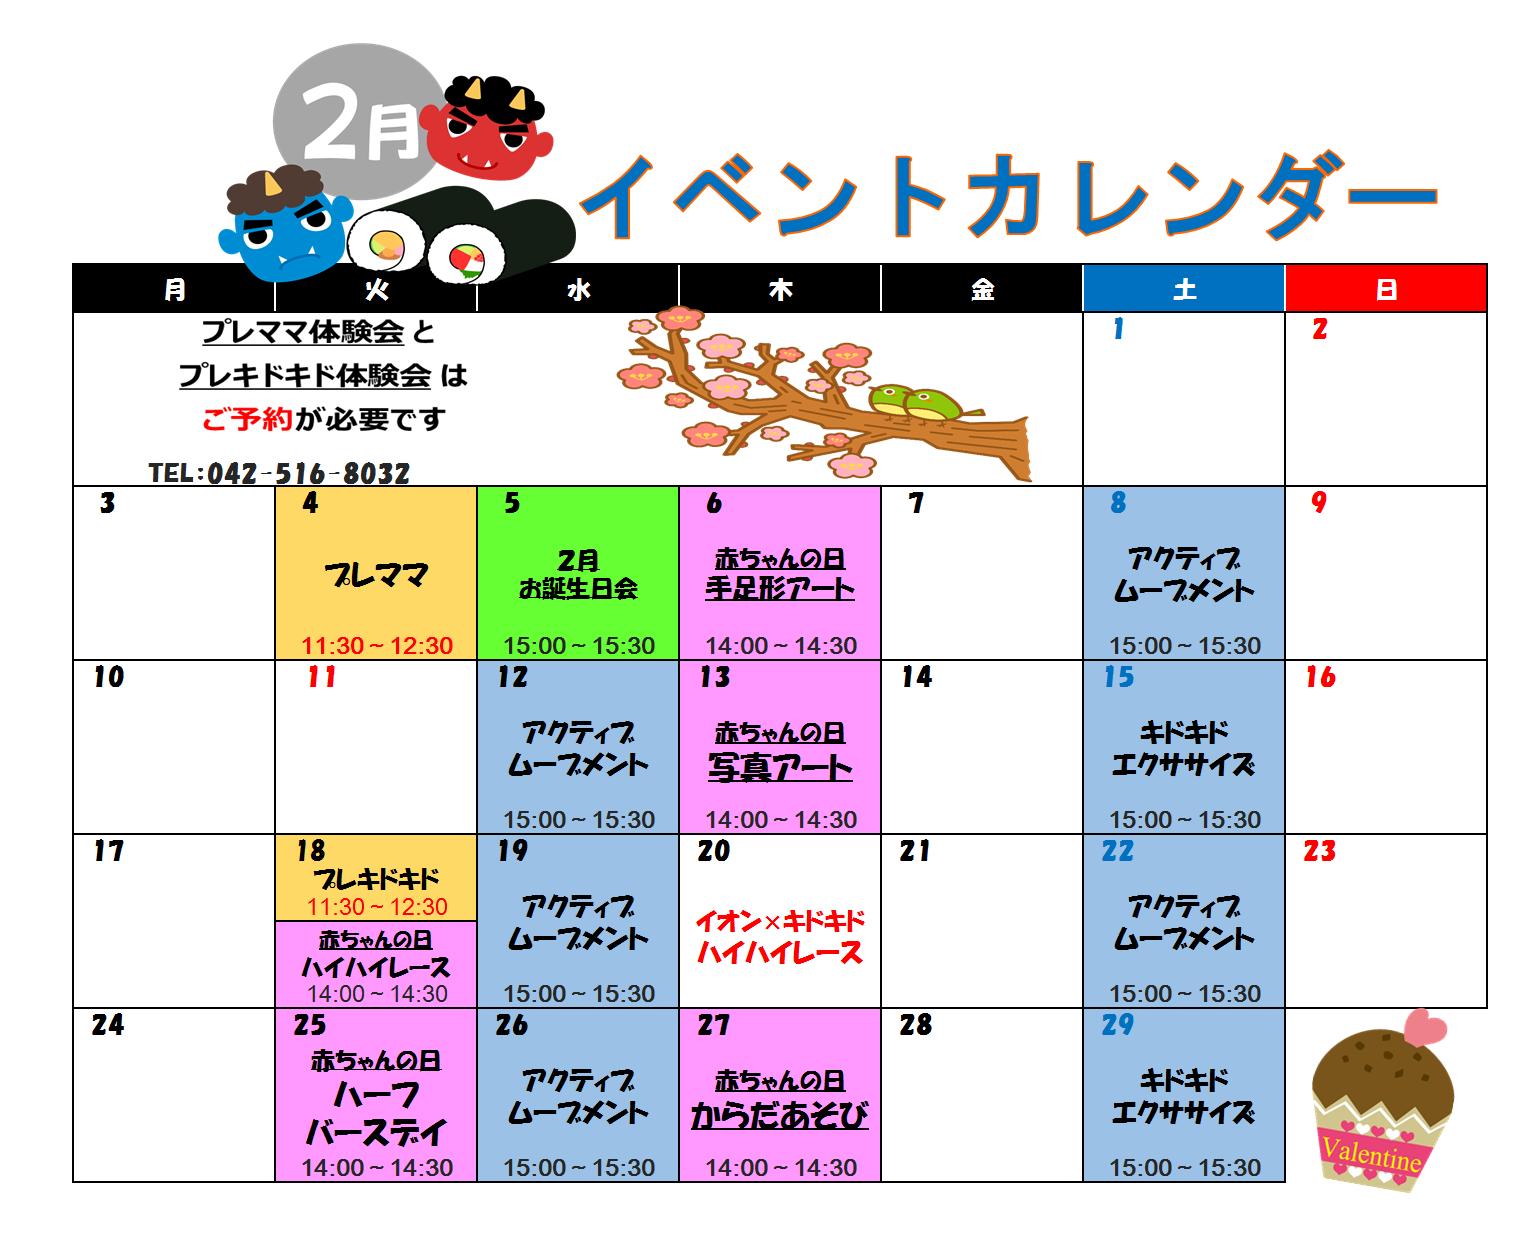 【お知らせ】2月のイベントとパス販売について